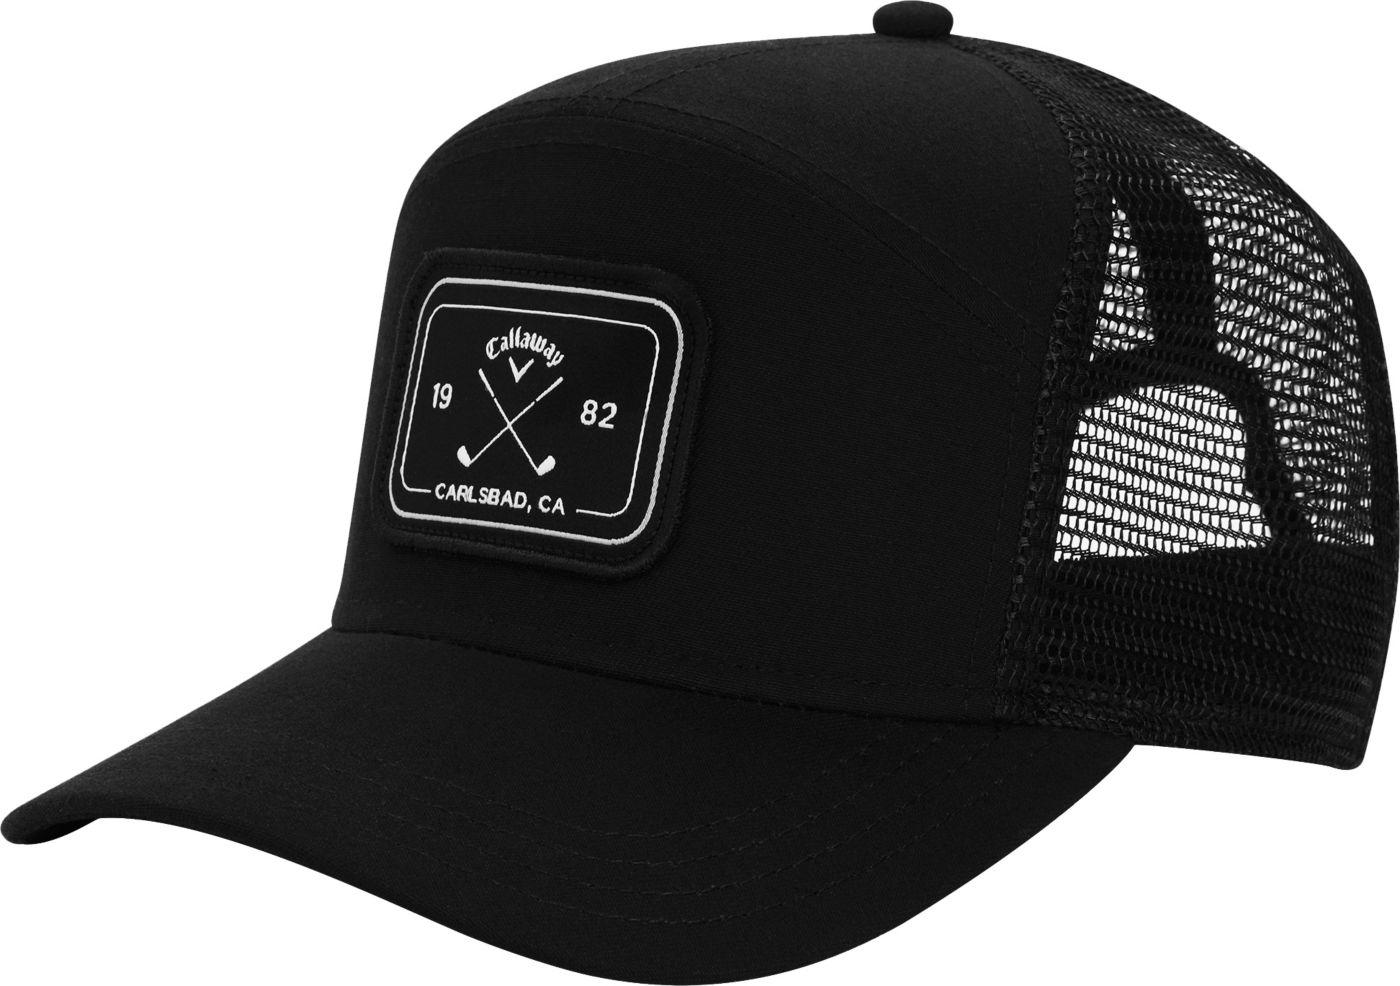 Callaway Men's 6 Panel Trucker Golf Hat